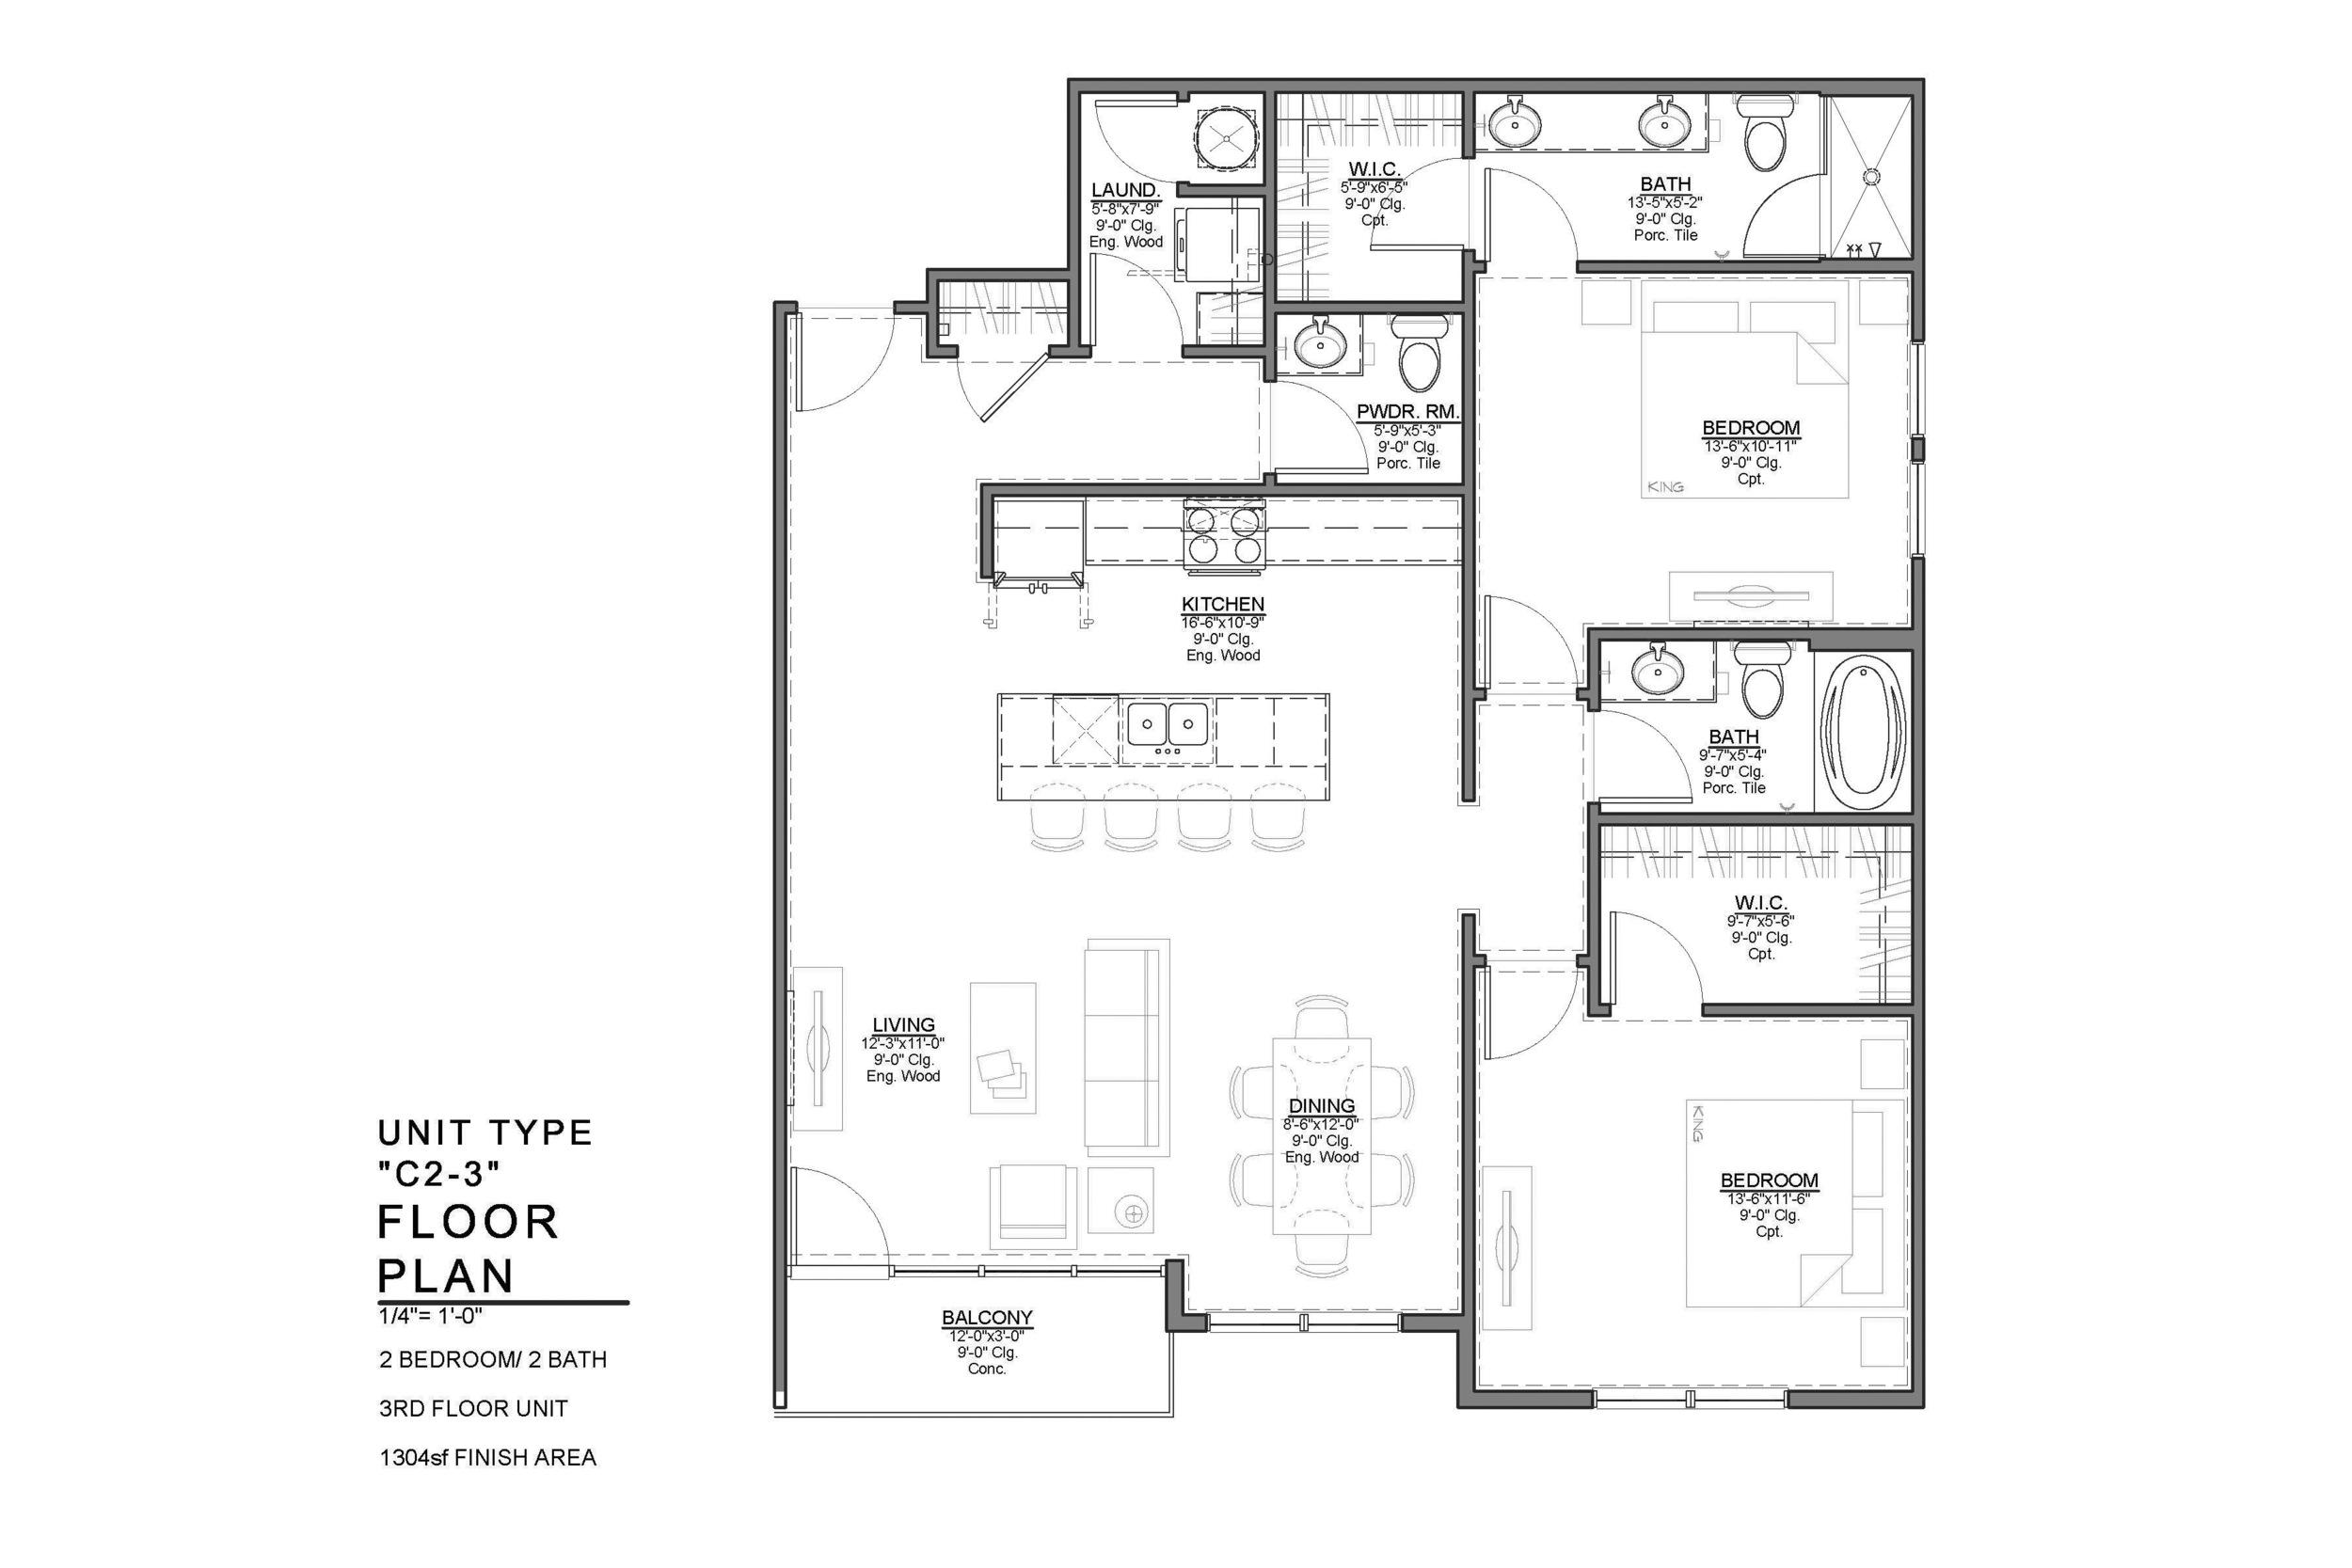 C2-3 FLOOR PLAN: 2 BEDROOM / 2 BATH